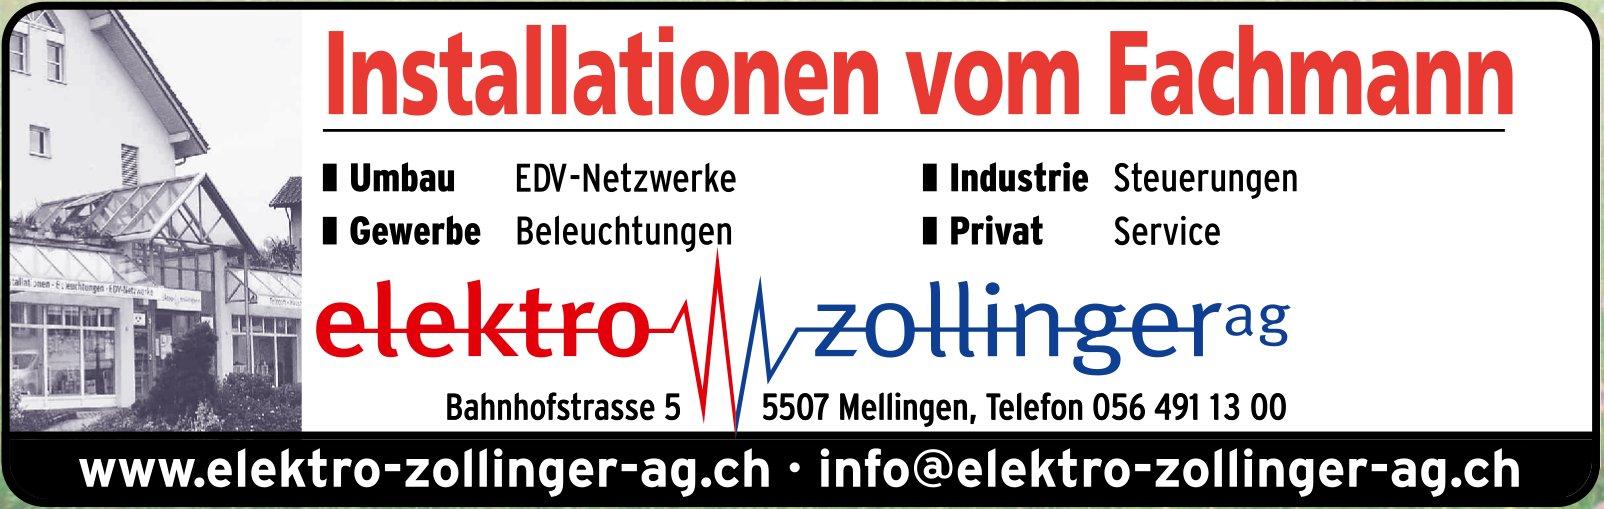 Elektro Zollinger AG - Installationen vom Fachmann